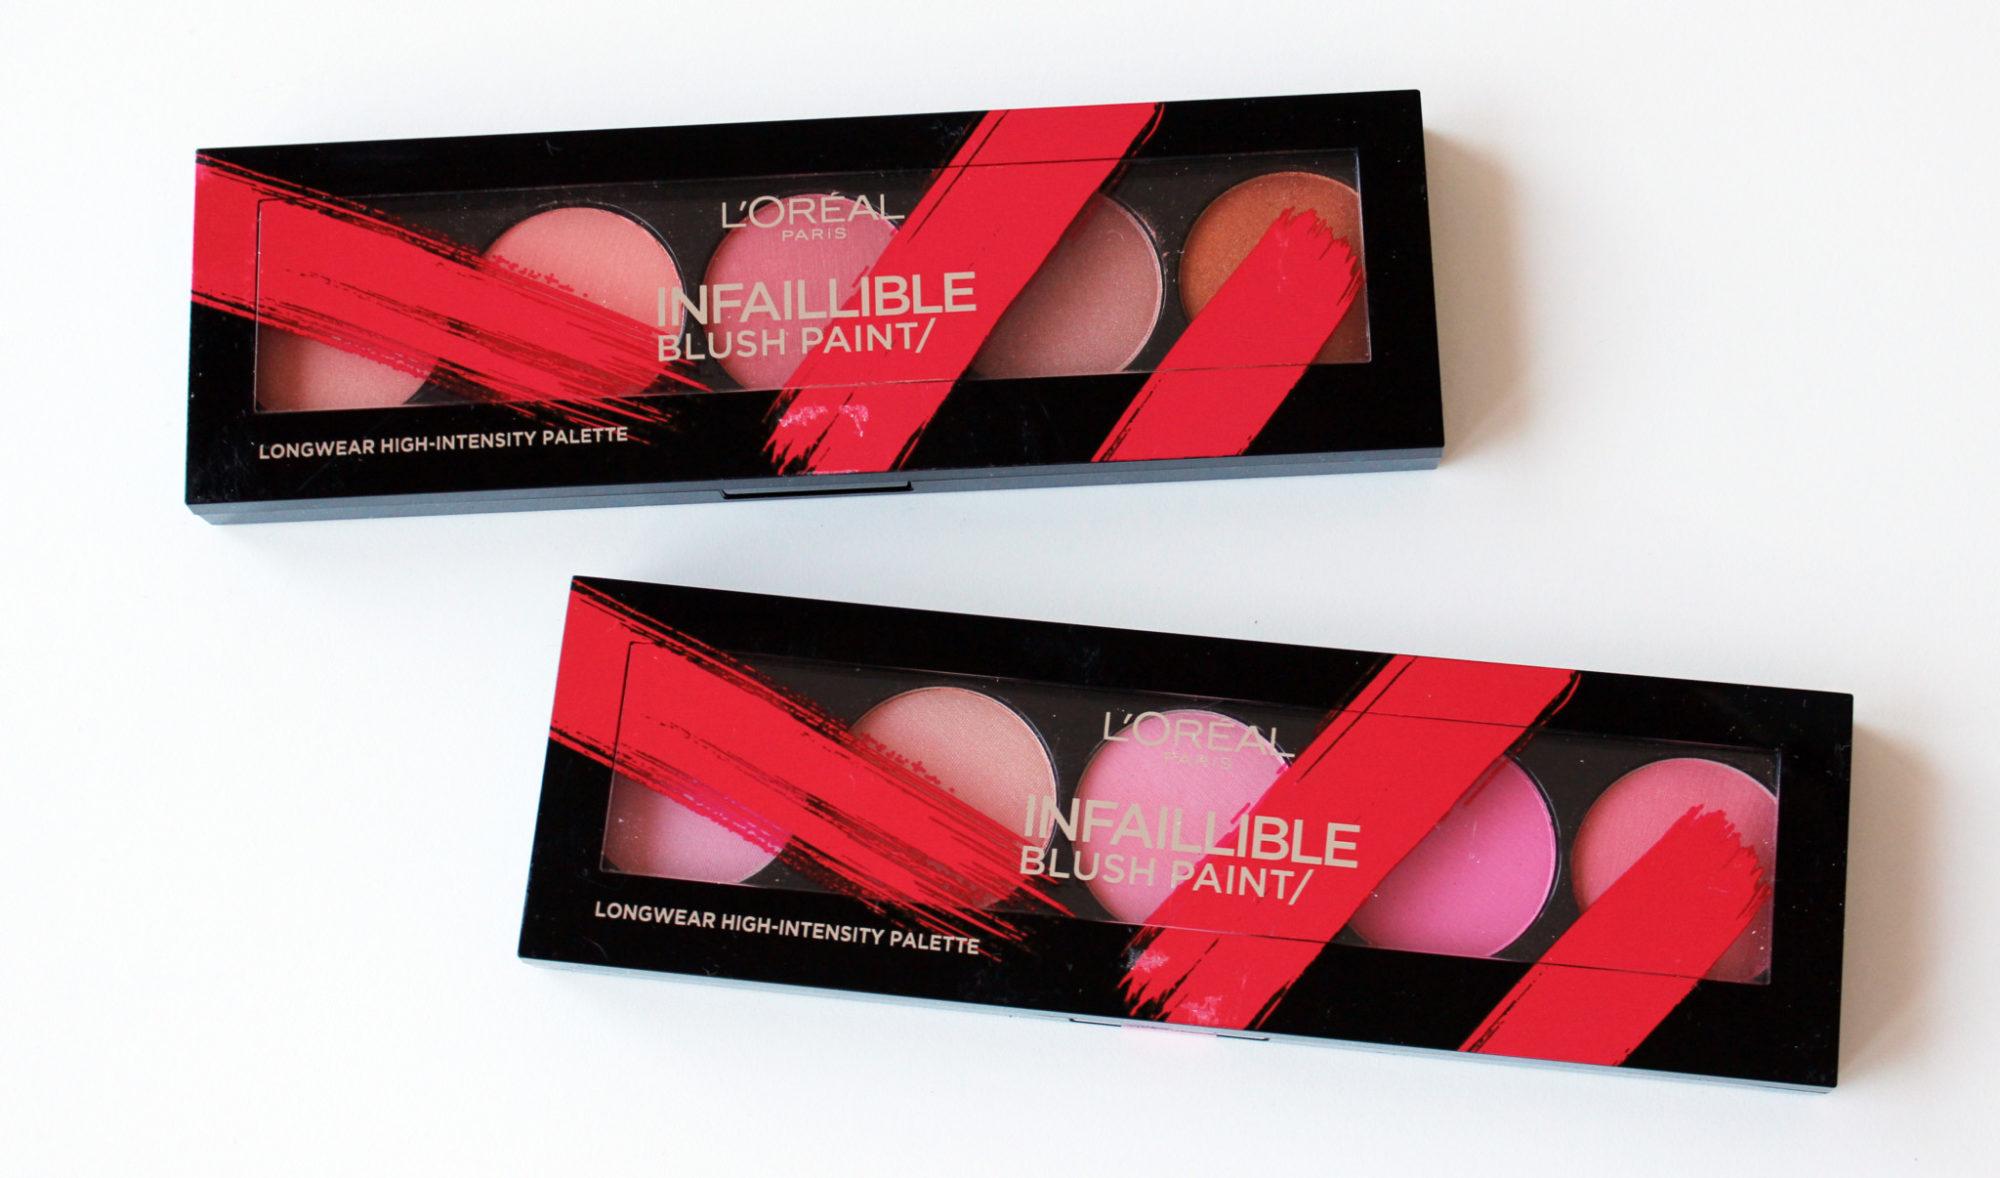 L'Oréal Paris Infallible Blush Paint – bilder och swatches